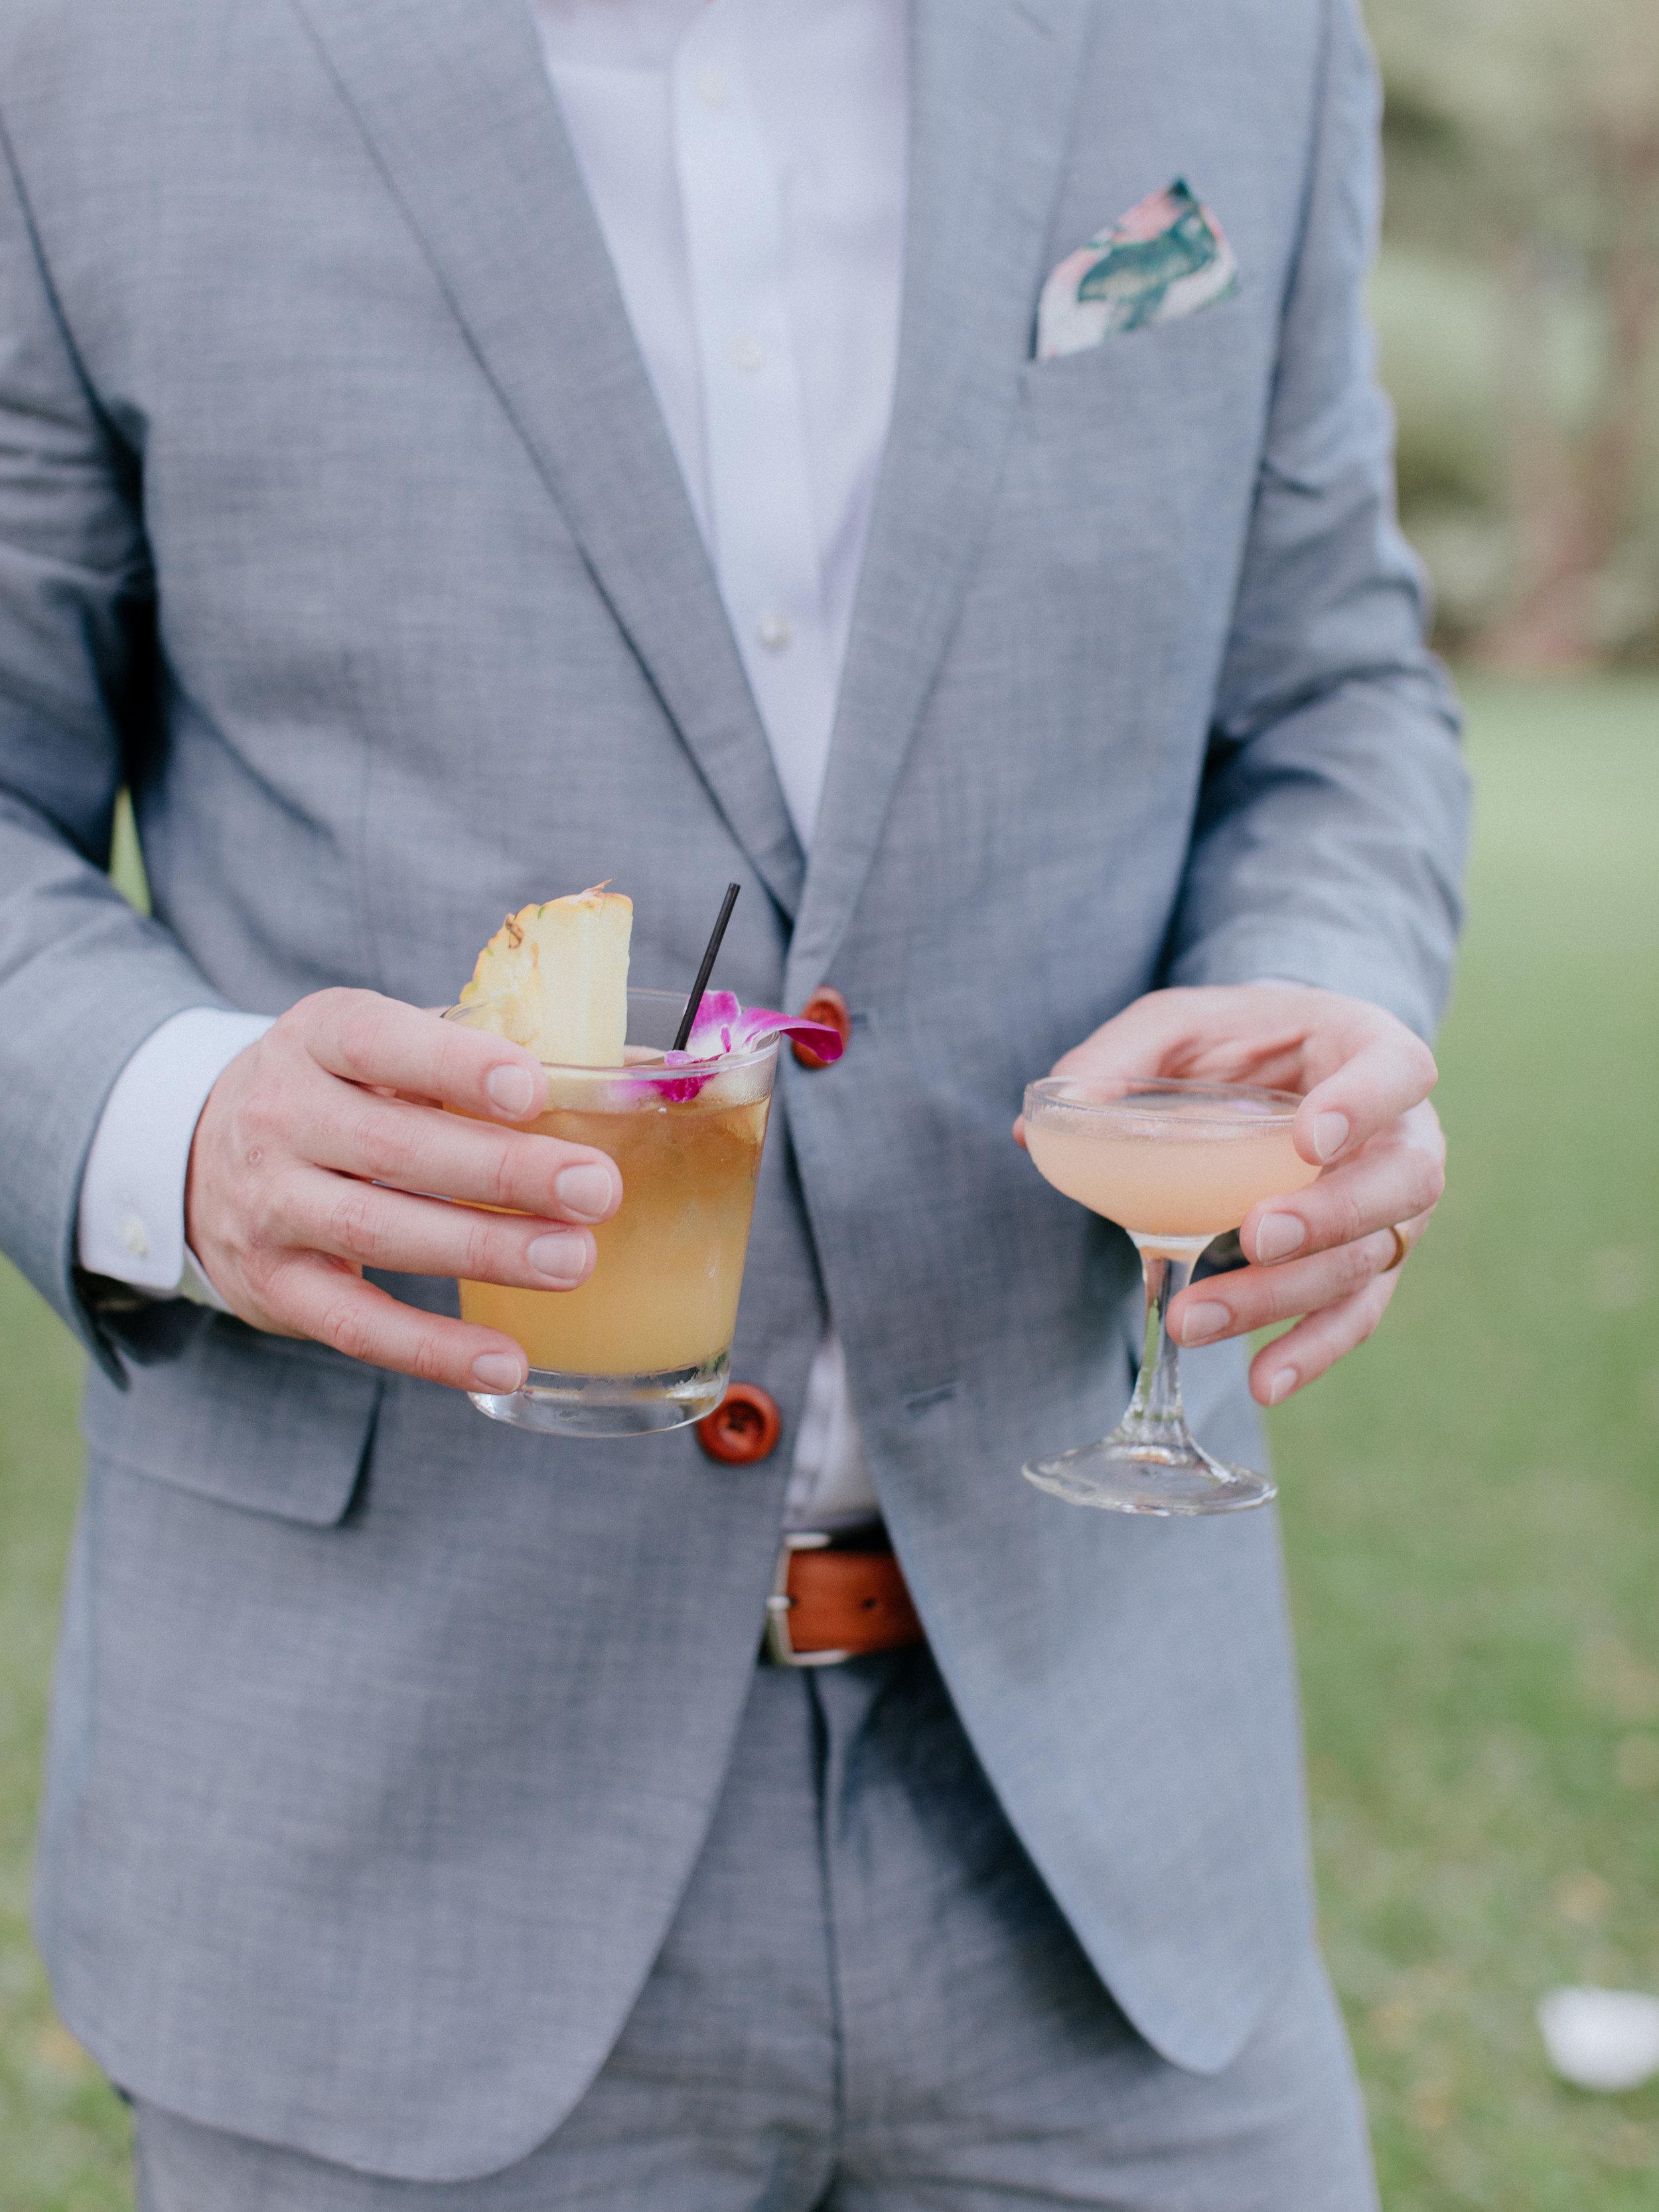 Chris-J-Evans-maui-wedding-JA2553.jpg